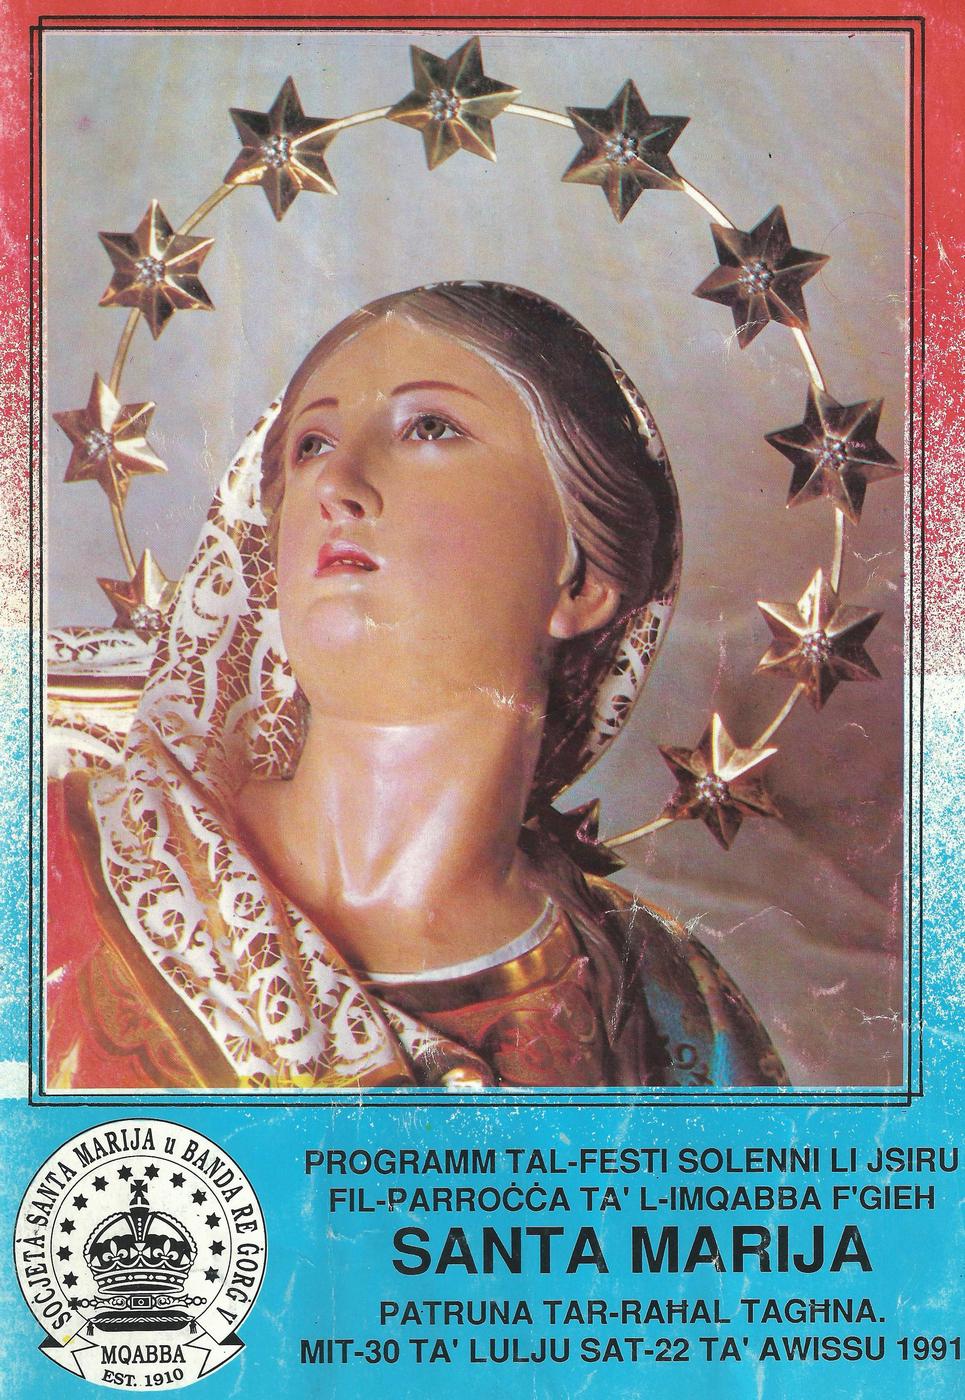 Programm tal-Festa Titulari Santa Marija Mqabba – 1991